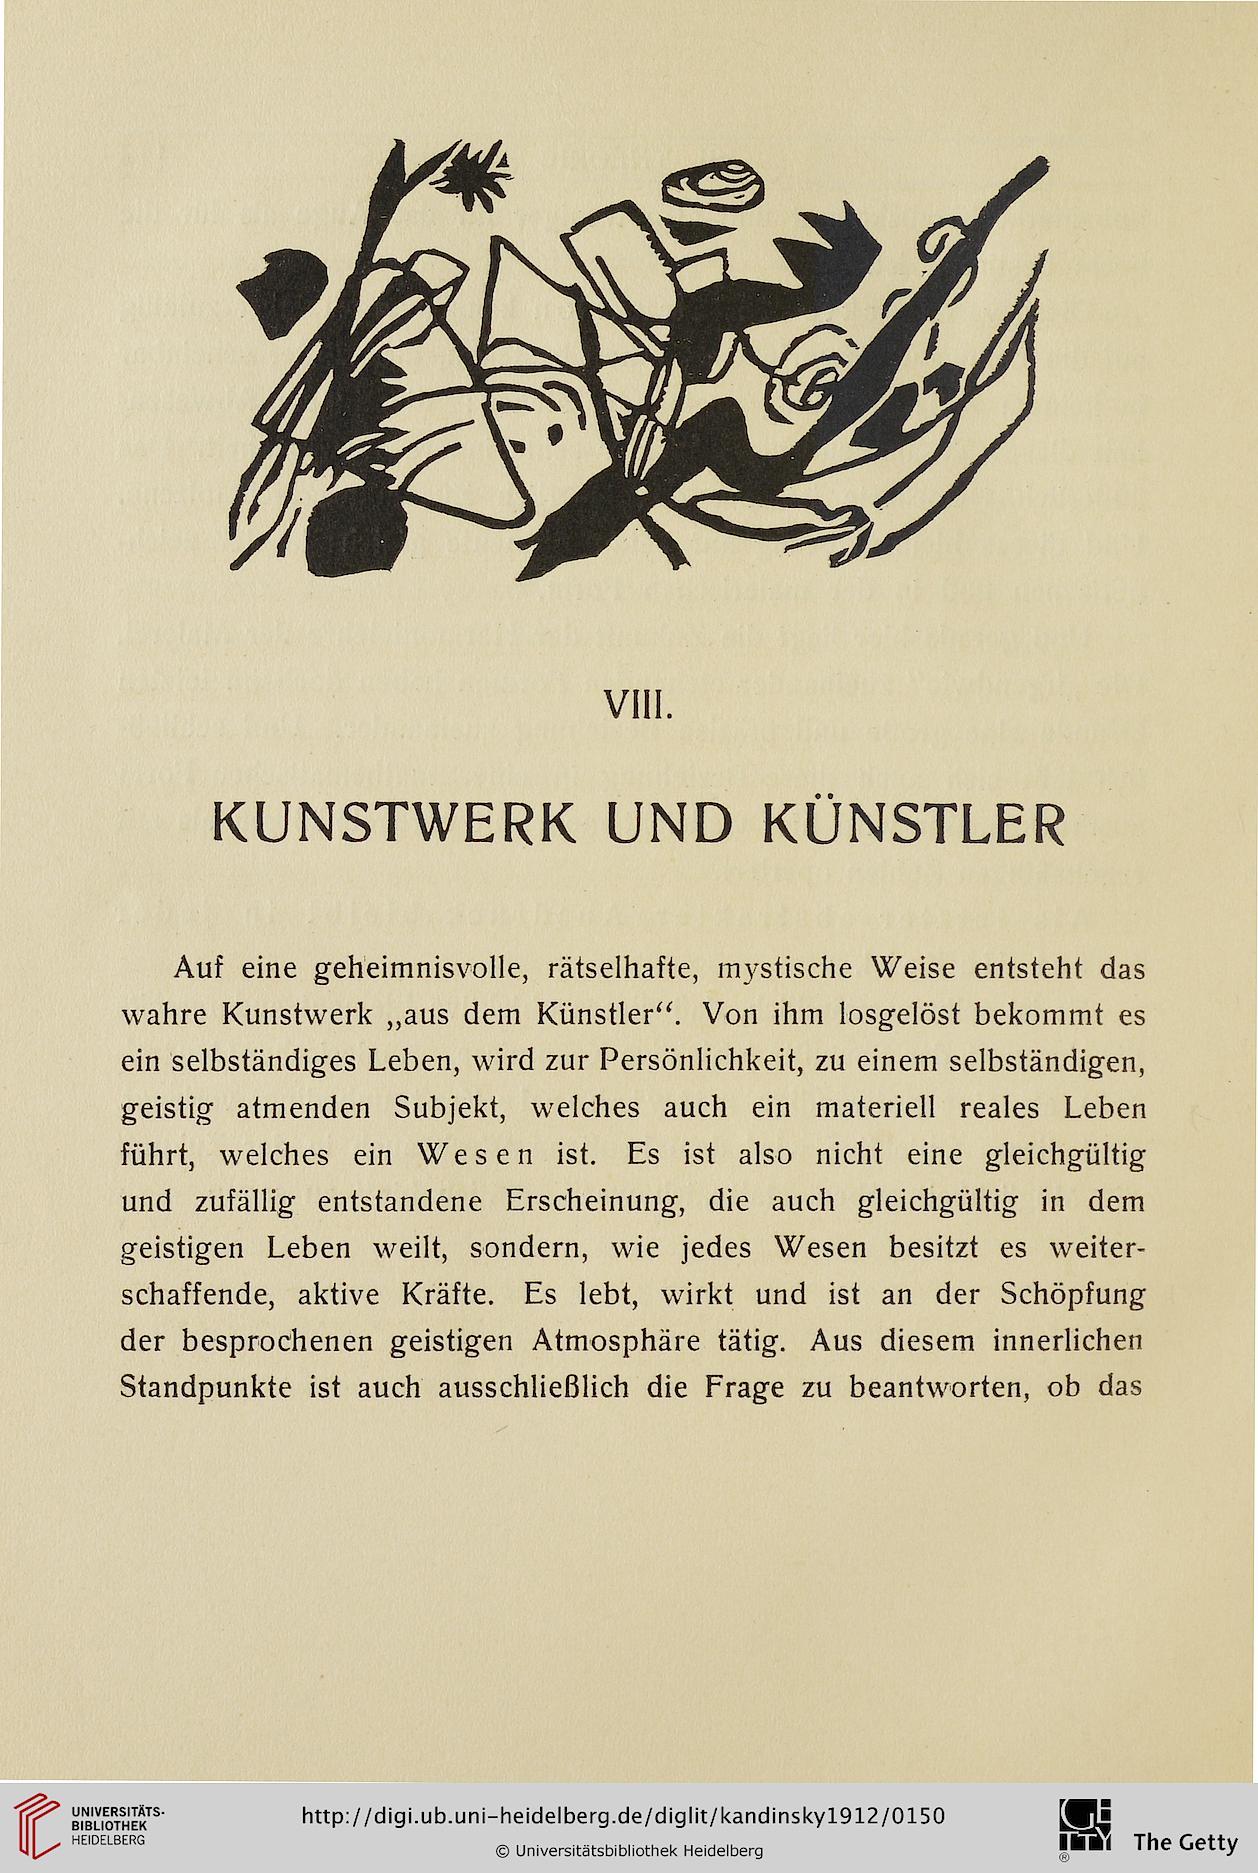 Künstler Heidelberg kandinsky wassily über das geistige in der kunst insbesondere in